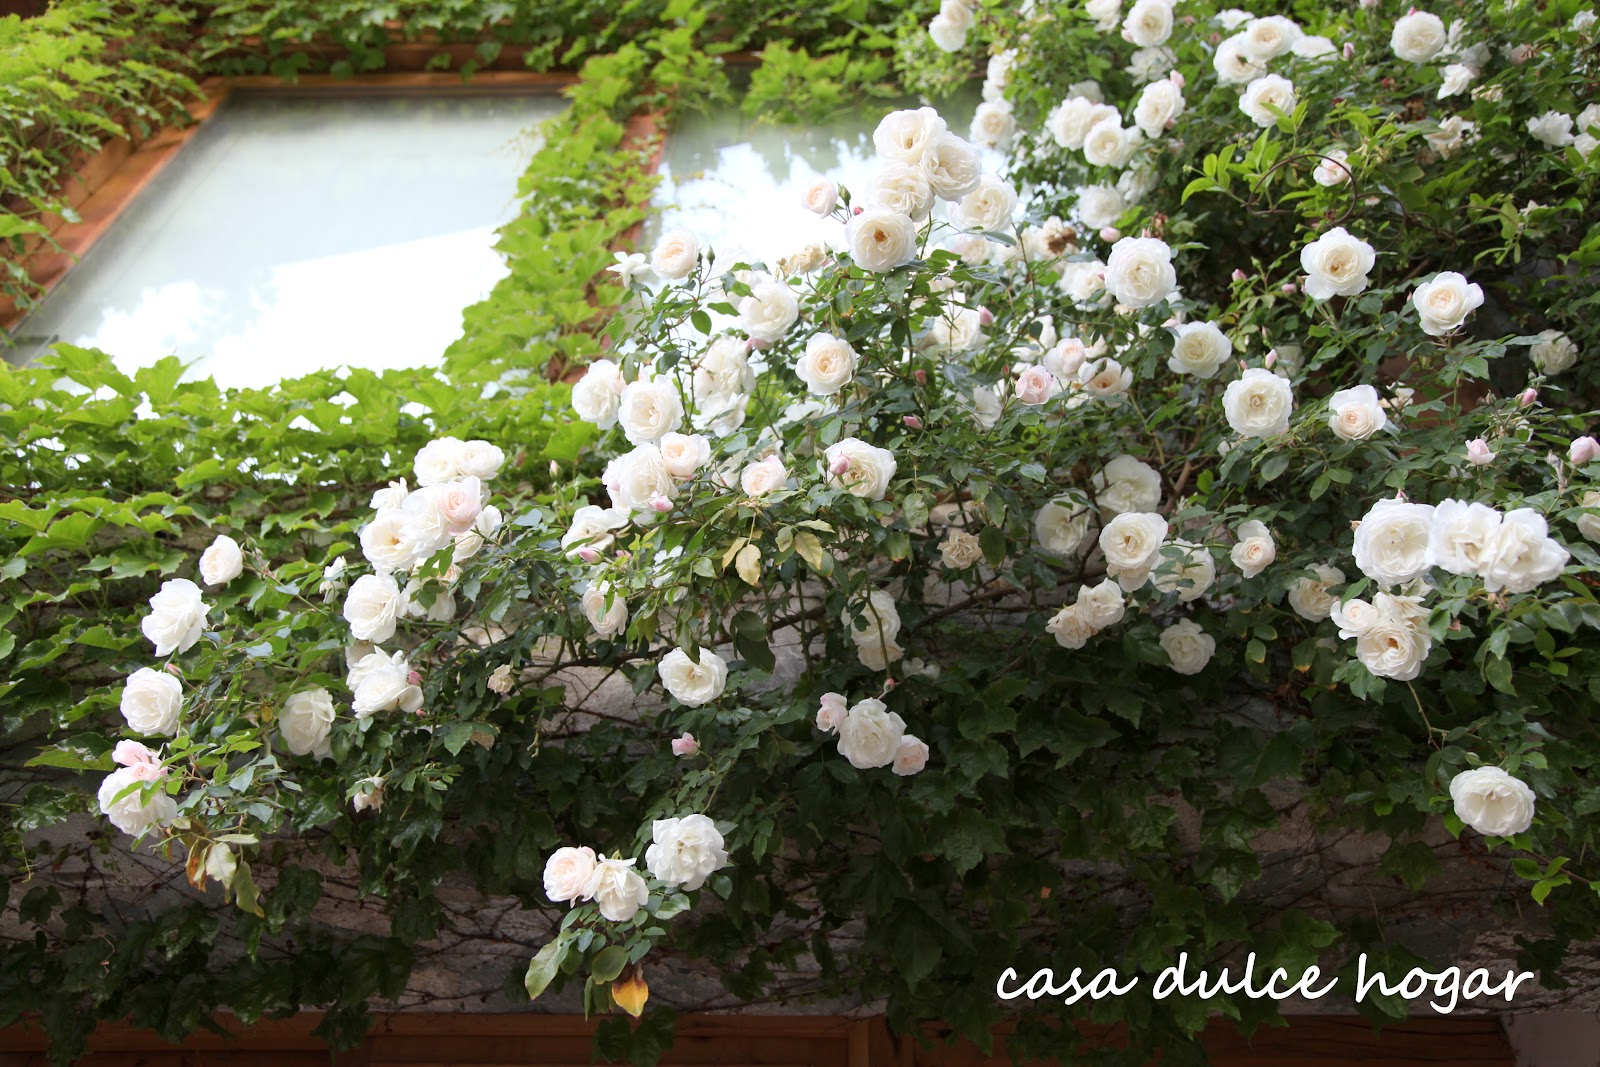 Los jardines de rosas mas hermosos del mundo YouTube - Imagenes De Jardin De Rosas